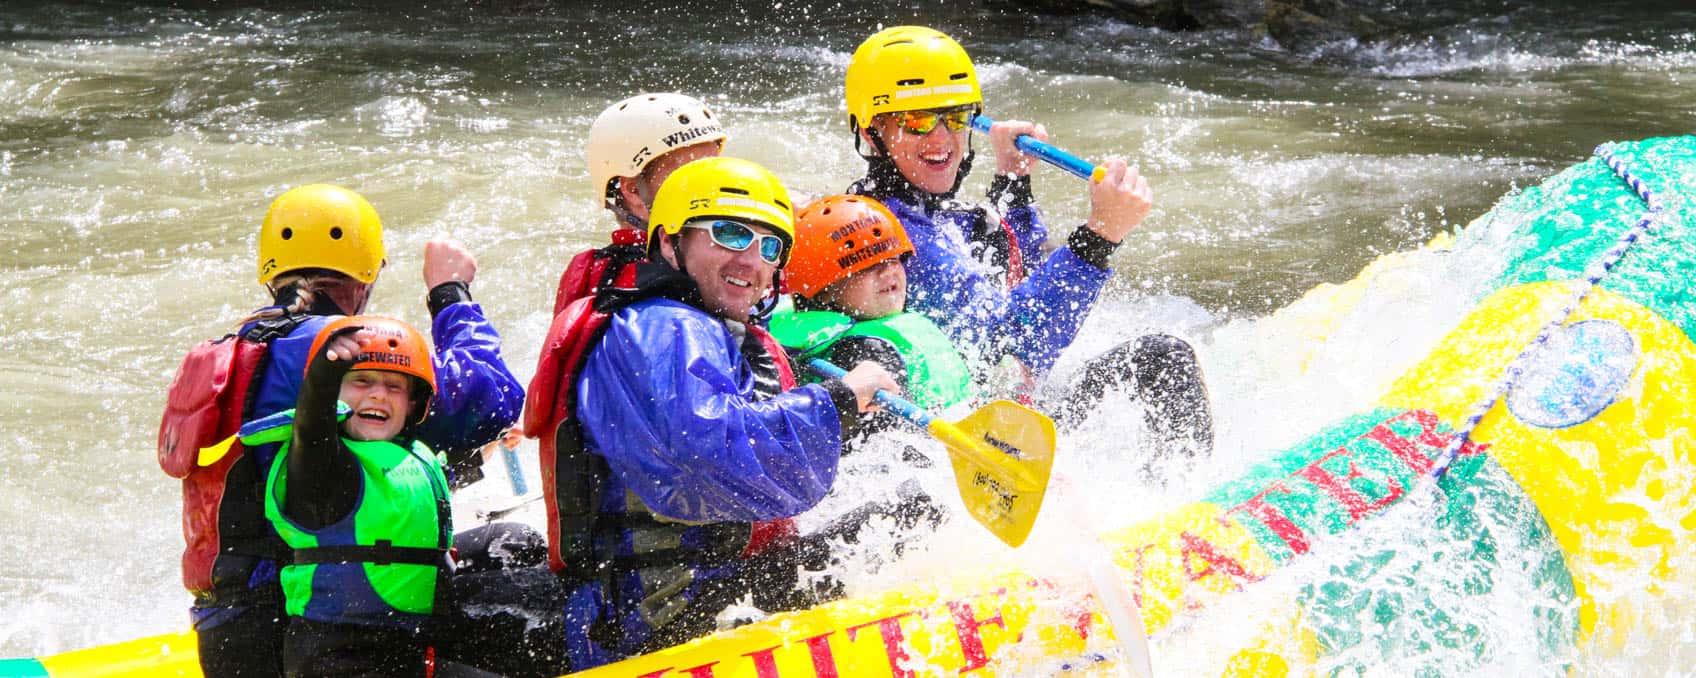 yellow-raft-kid